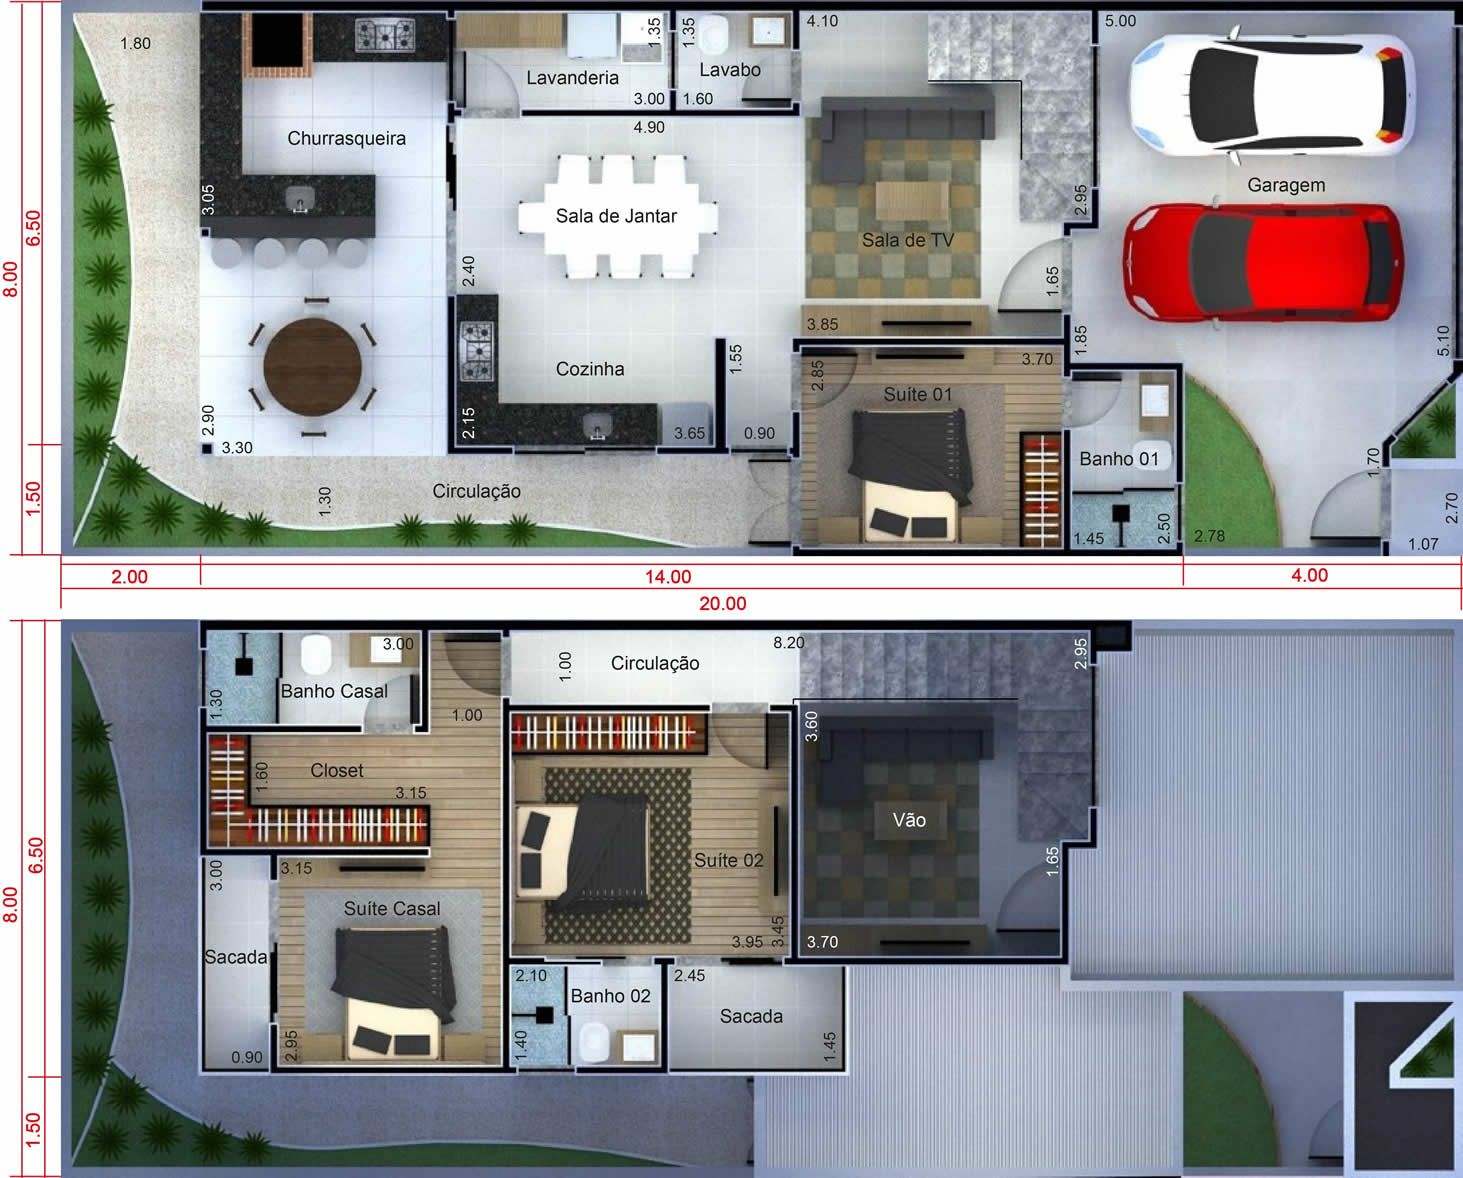 Plano de casa con gastronom a plano para terreno 8x20 for Casas modernas 8x20